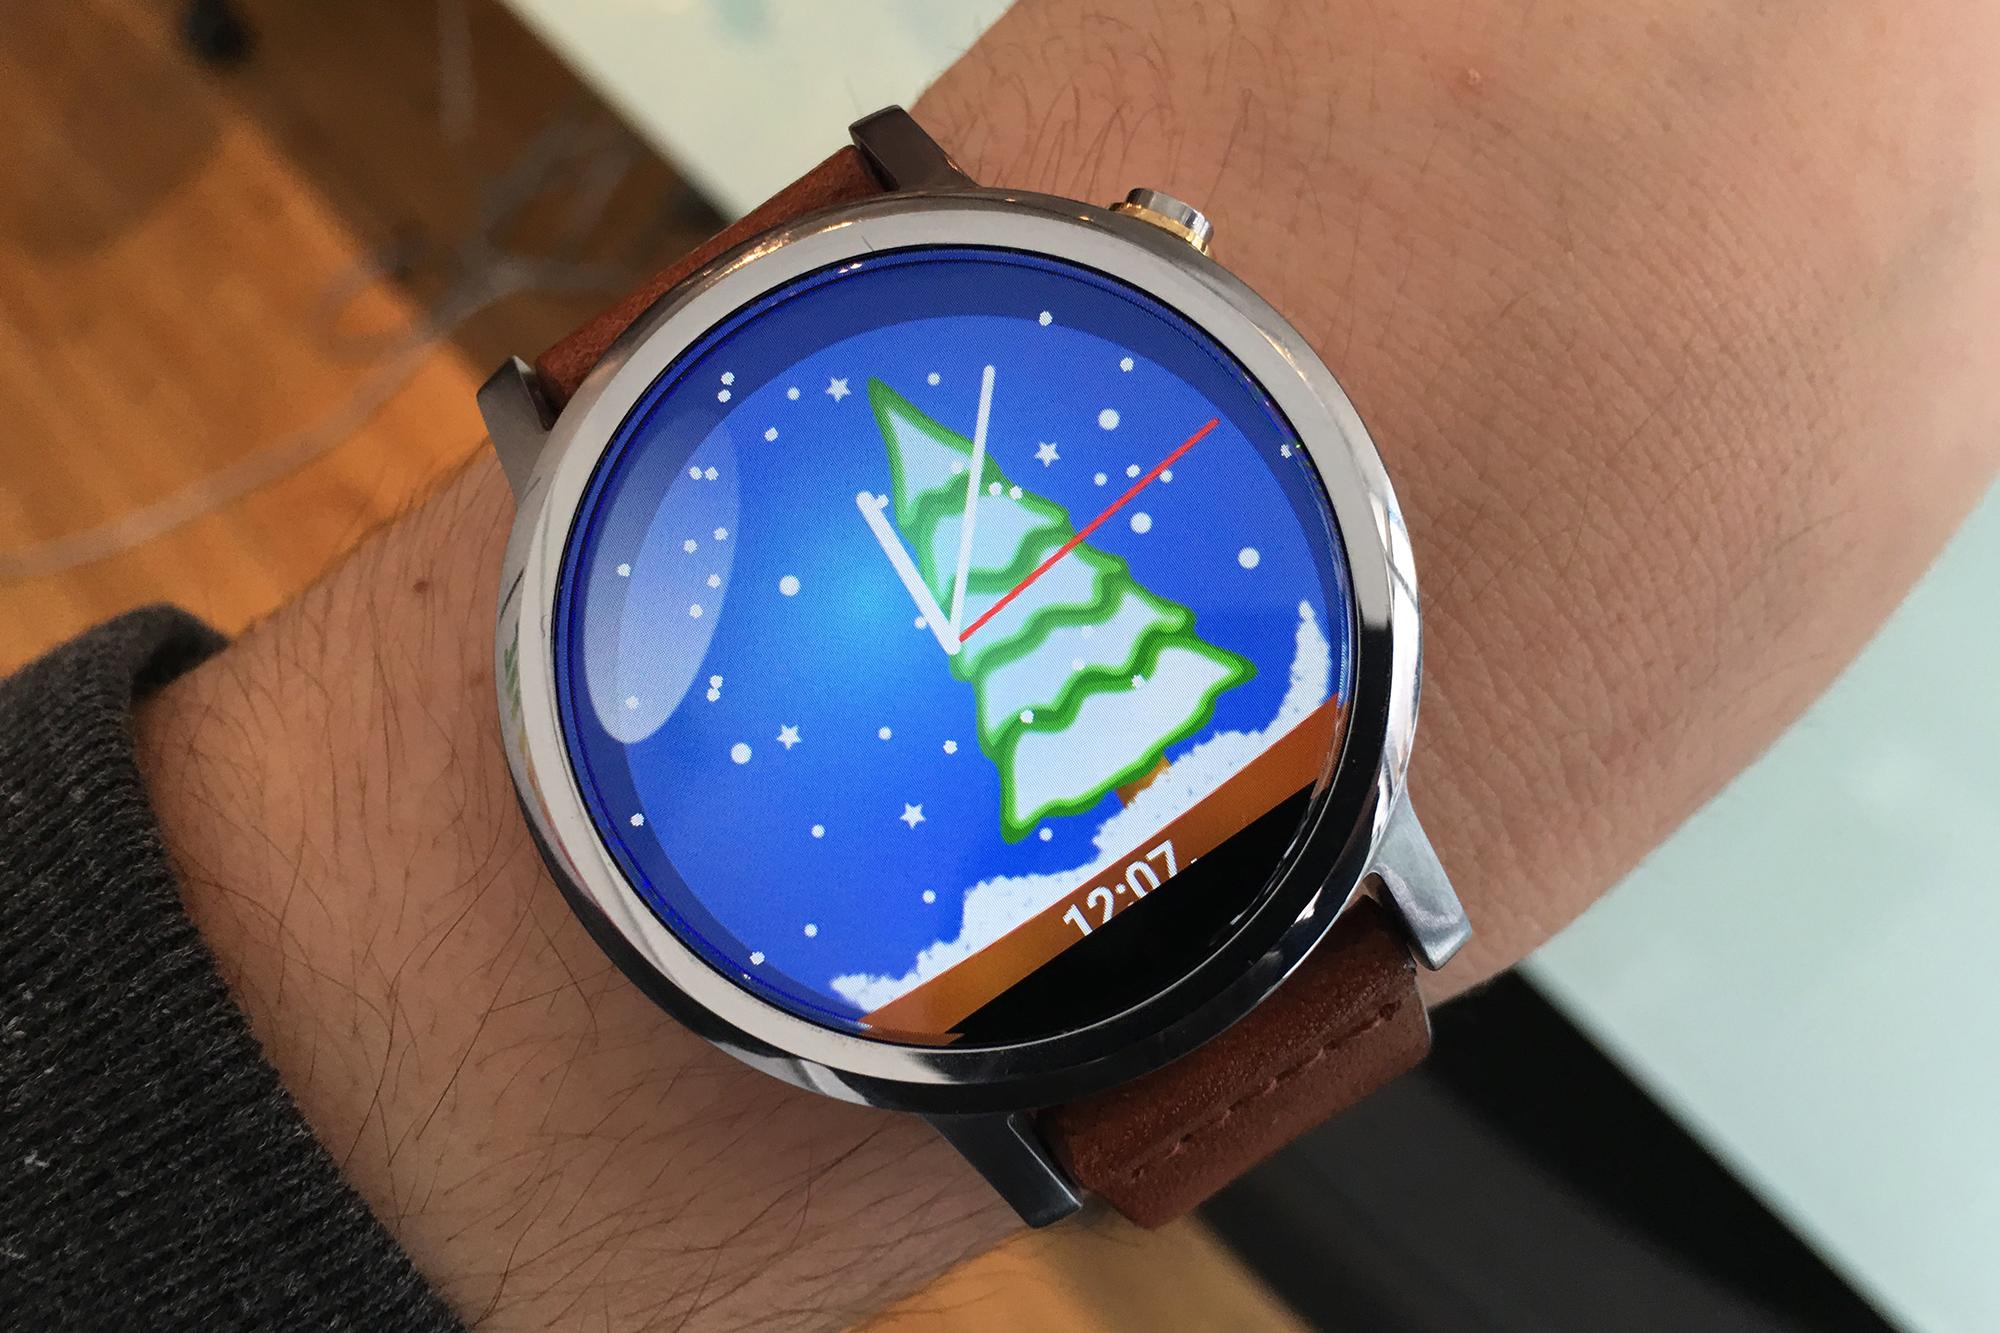 snowwatch